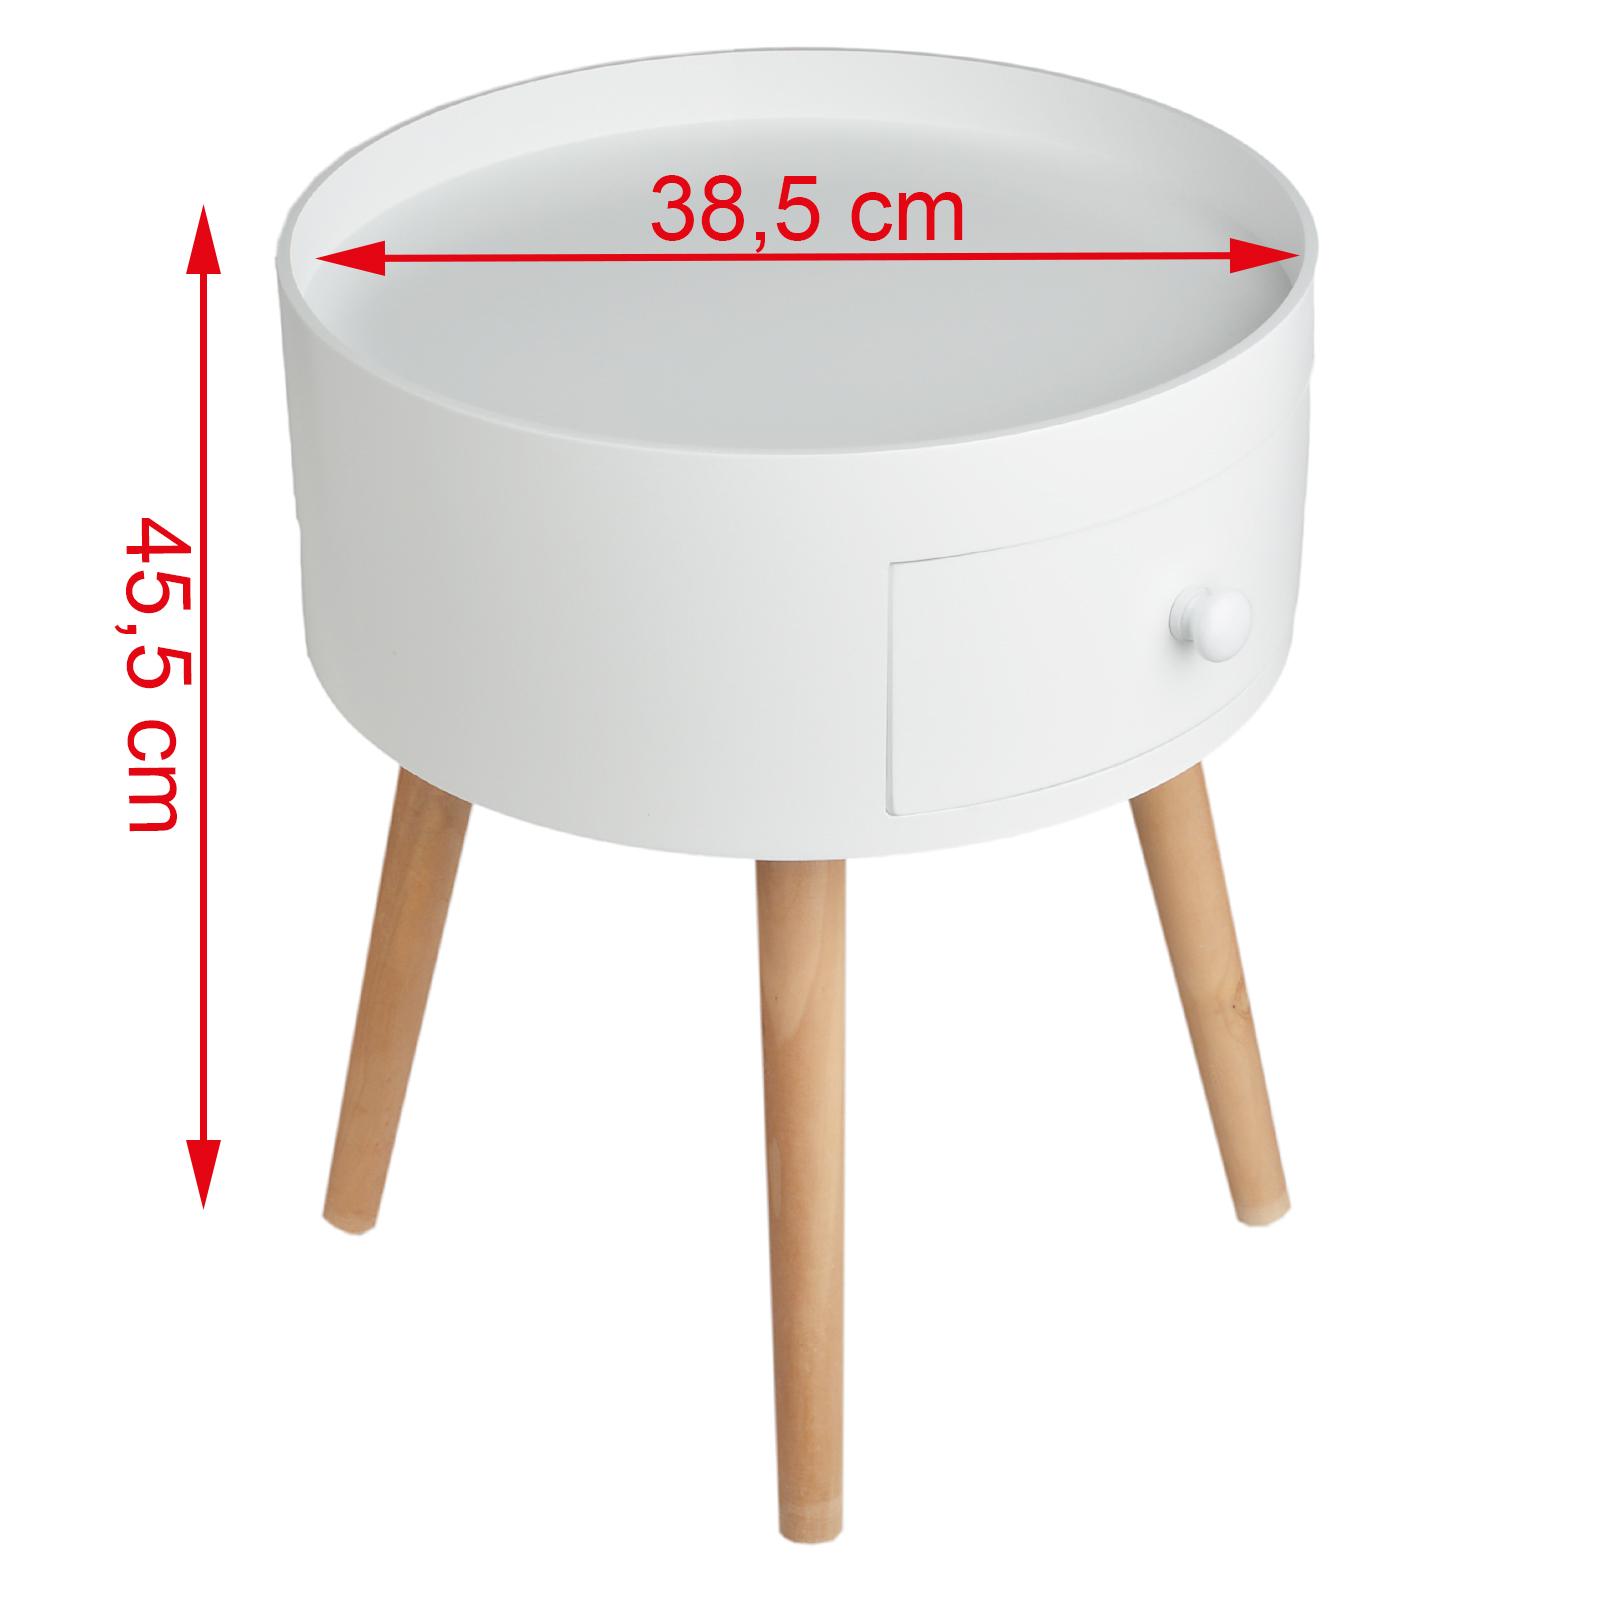 Beistelltisch schublade rund telefontisch couchtisch for Beistelltisch rund mit schublade